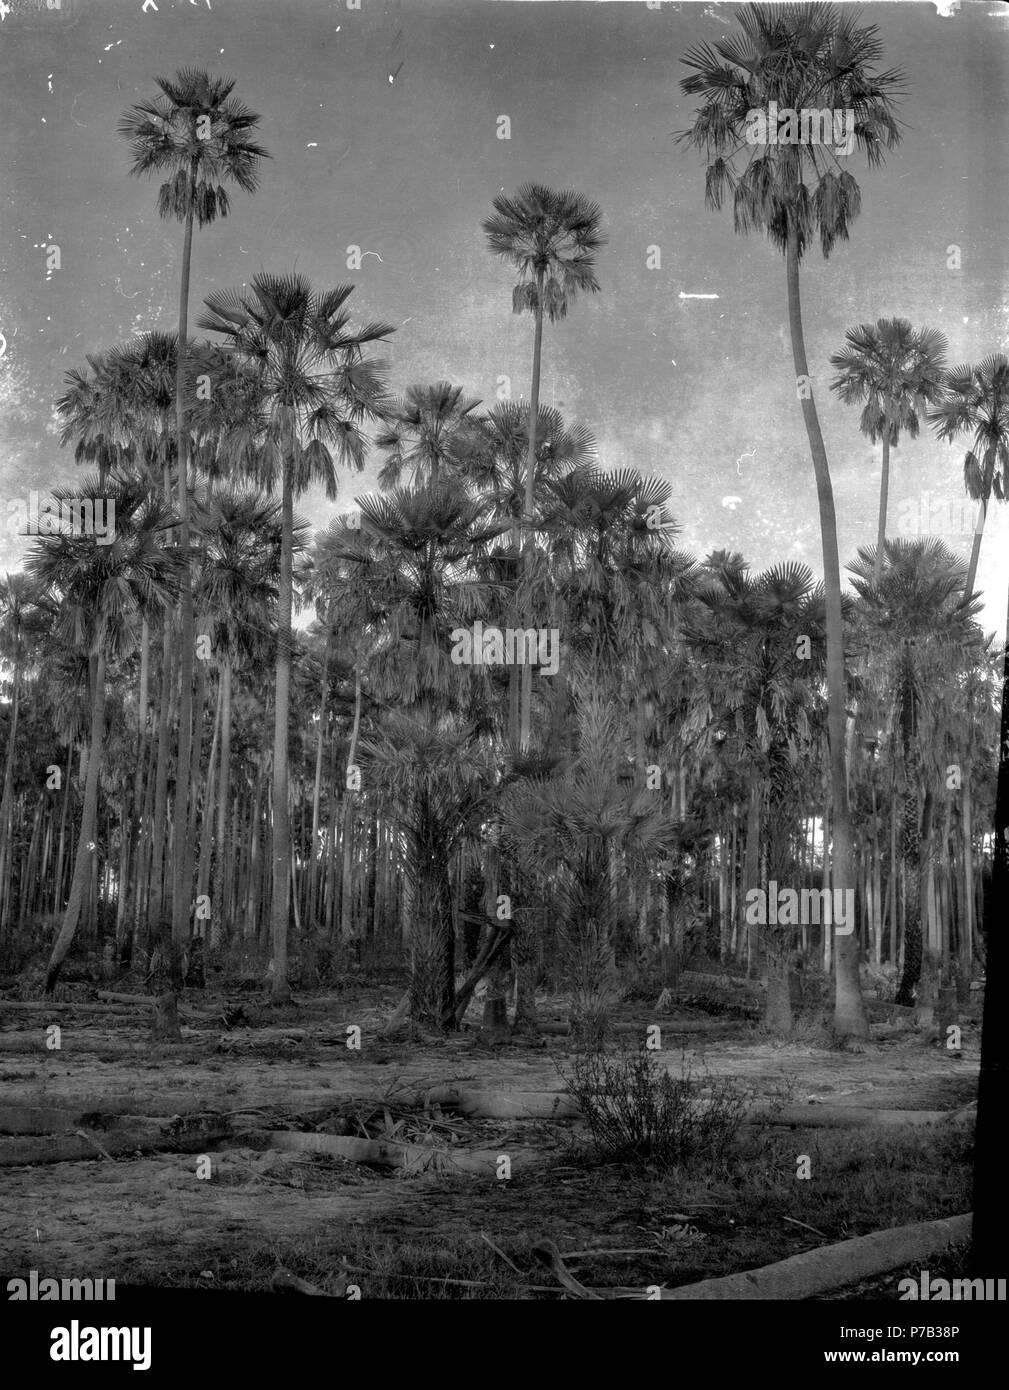 176 Palmskog Vid Rio Pilcomayo Fotografititel Katalogkort Hoga